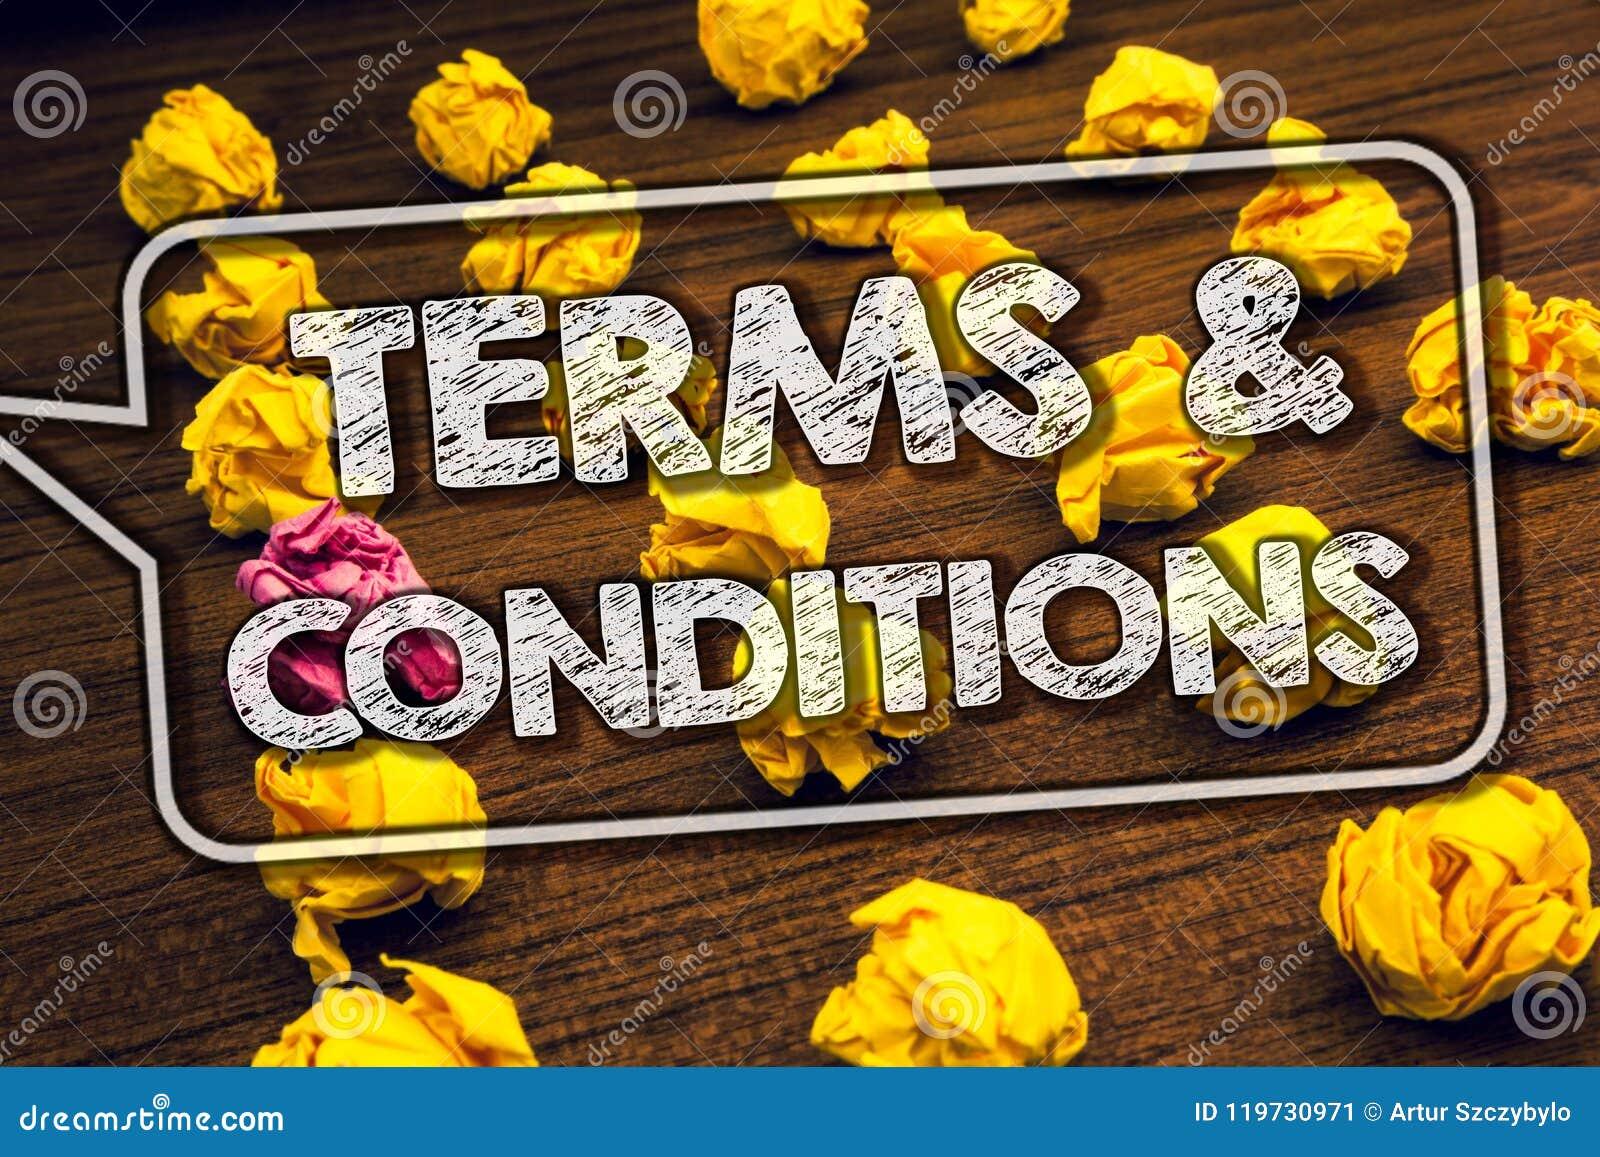 Pisać nutowych pokazuje warunkach Biznesowa fotografia pokazuje Legalną prawo zgody dementi ograniczeń ugodę Timb